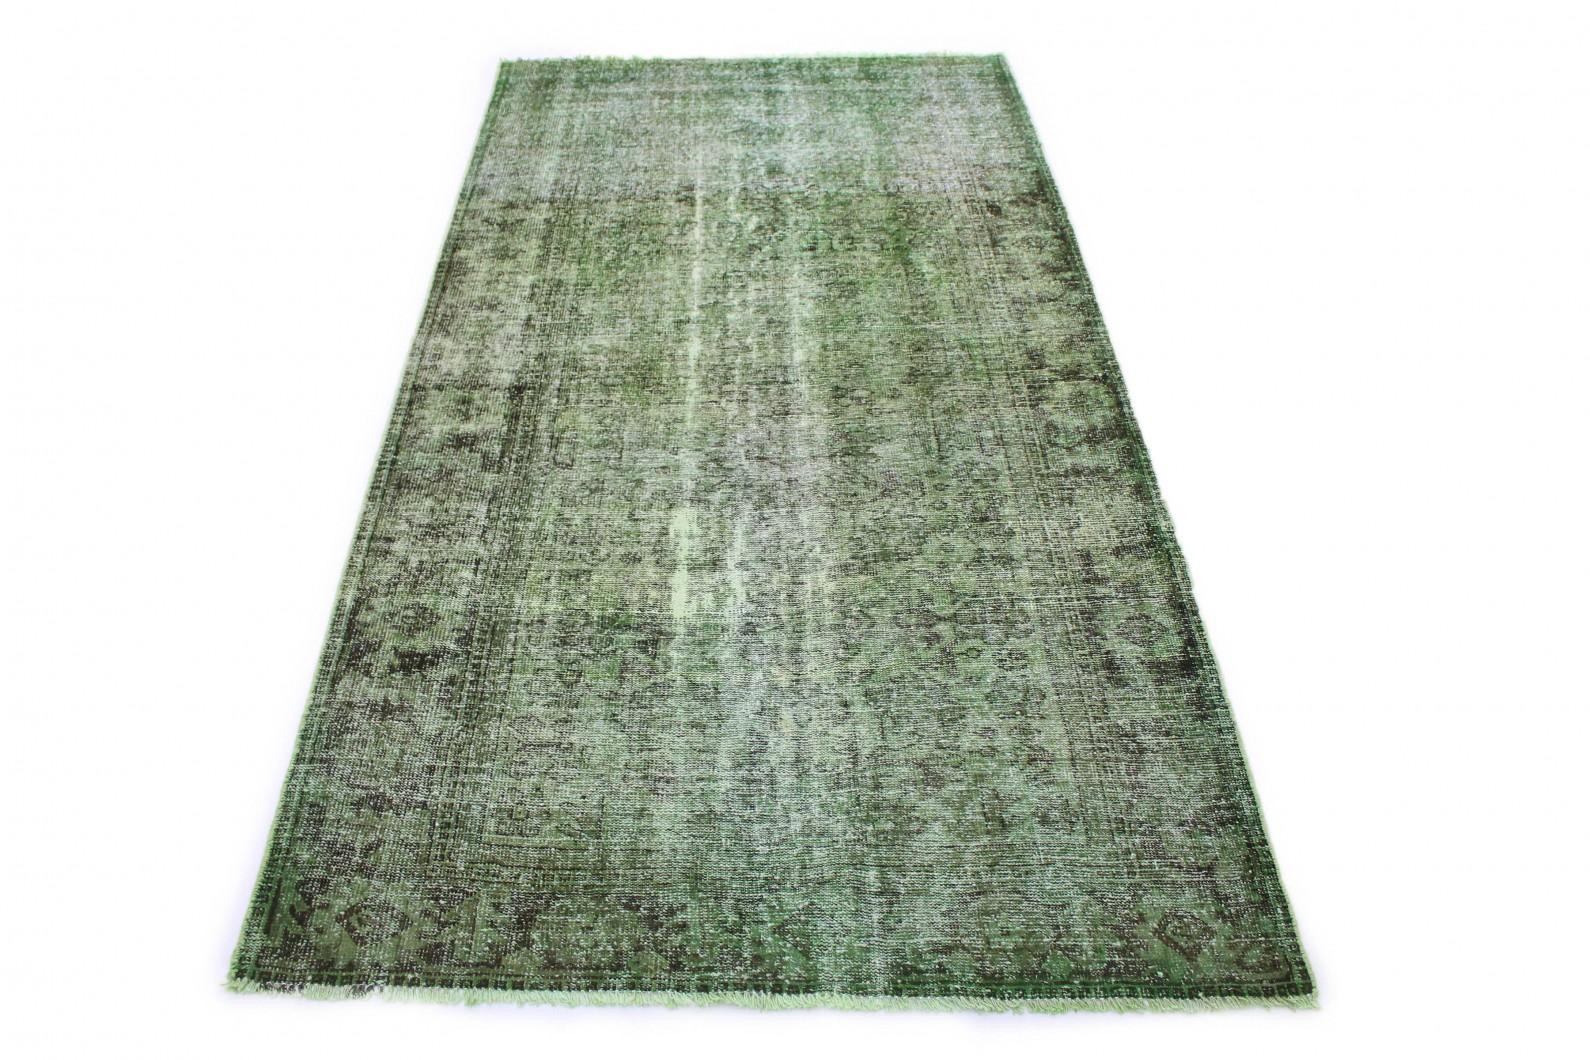 Vintage Teppich Grün in 240x130 (1 / 5)